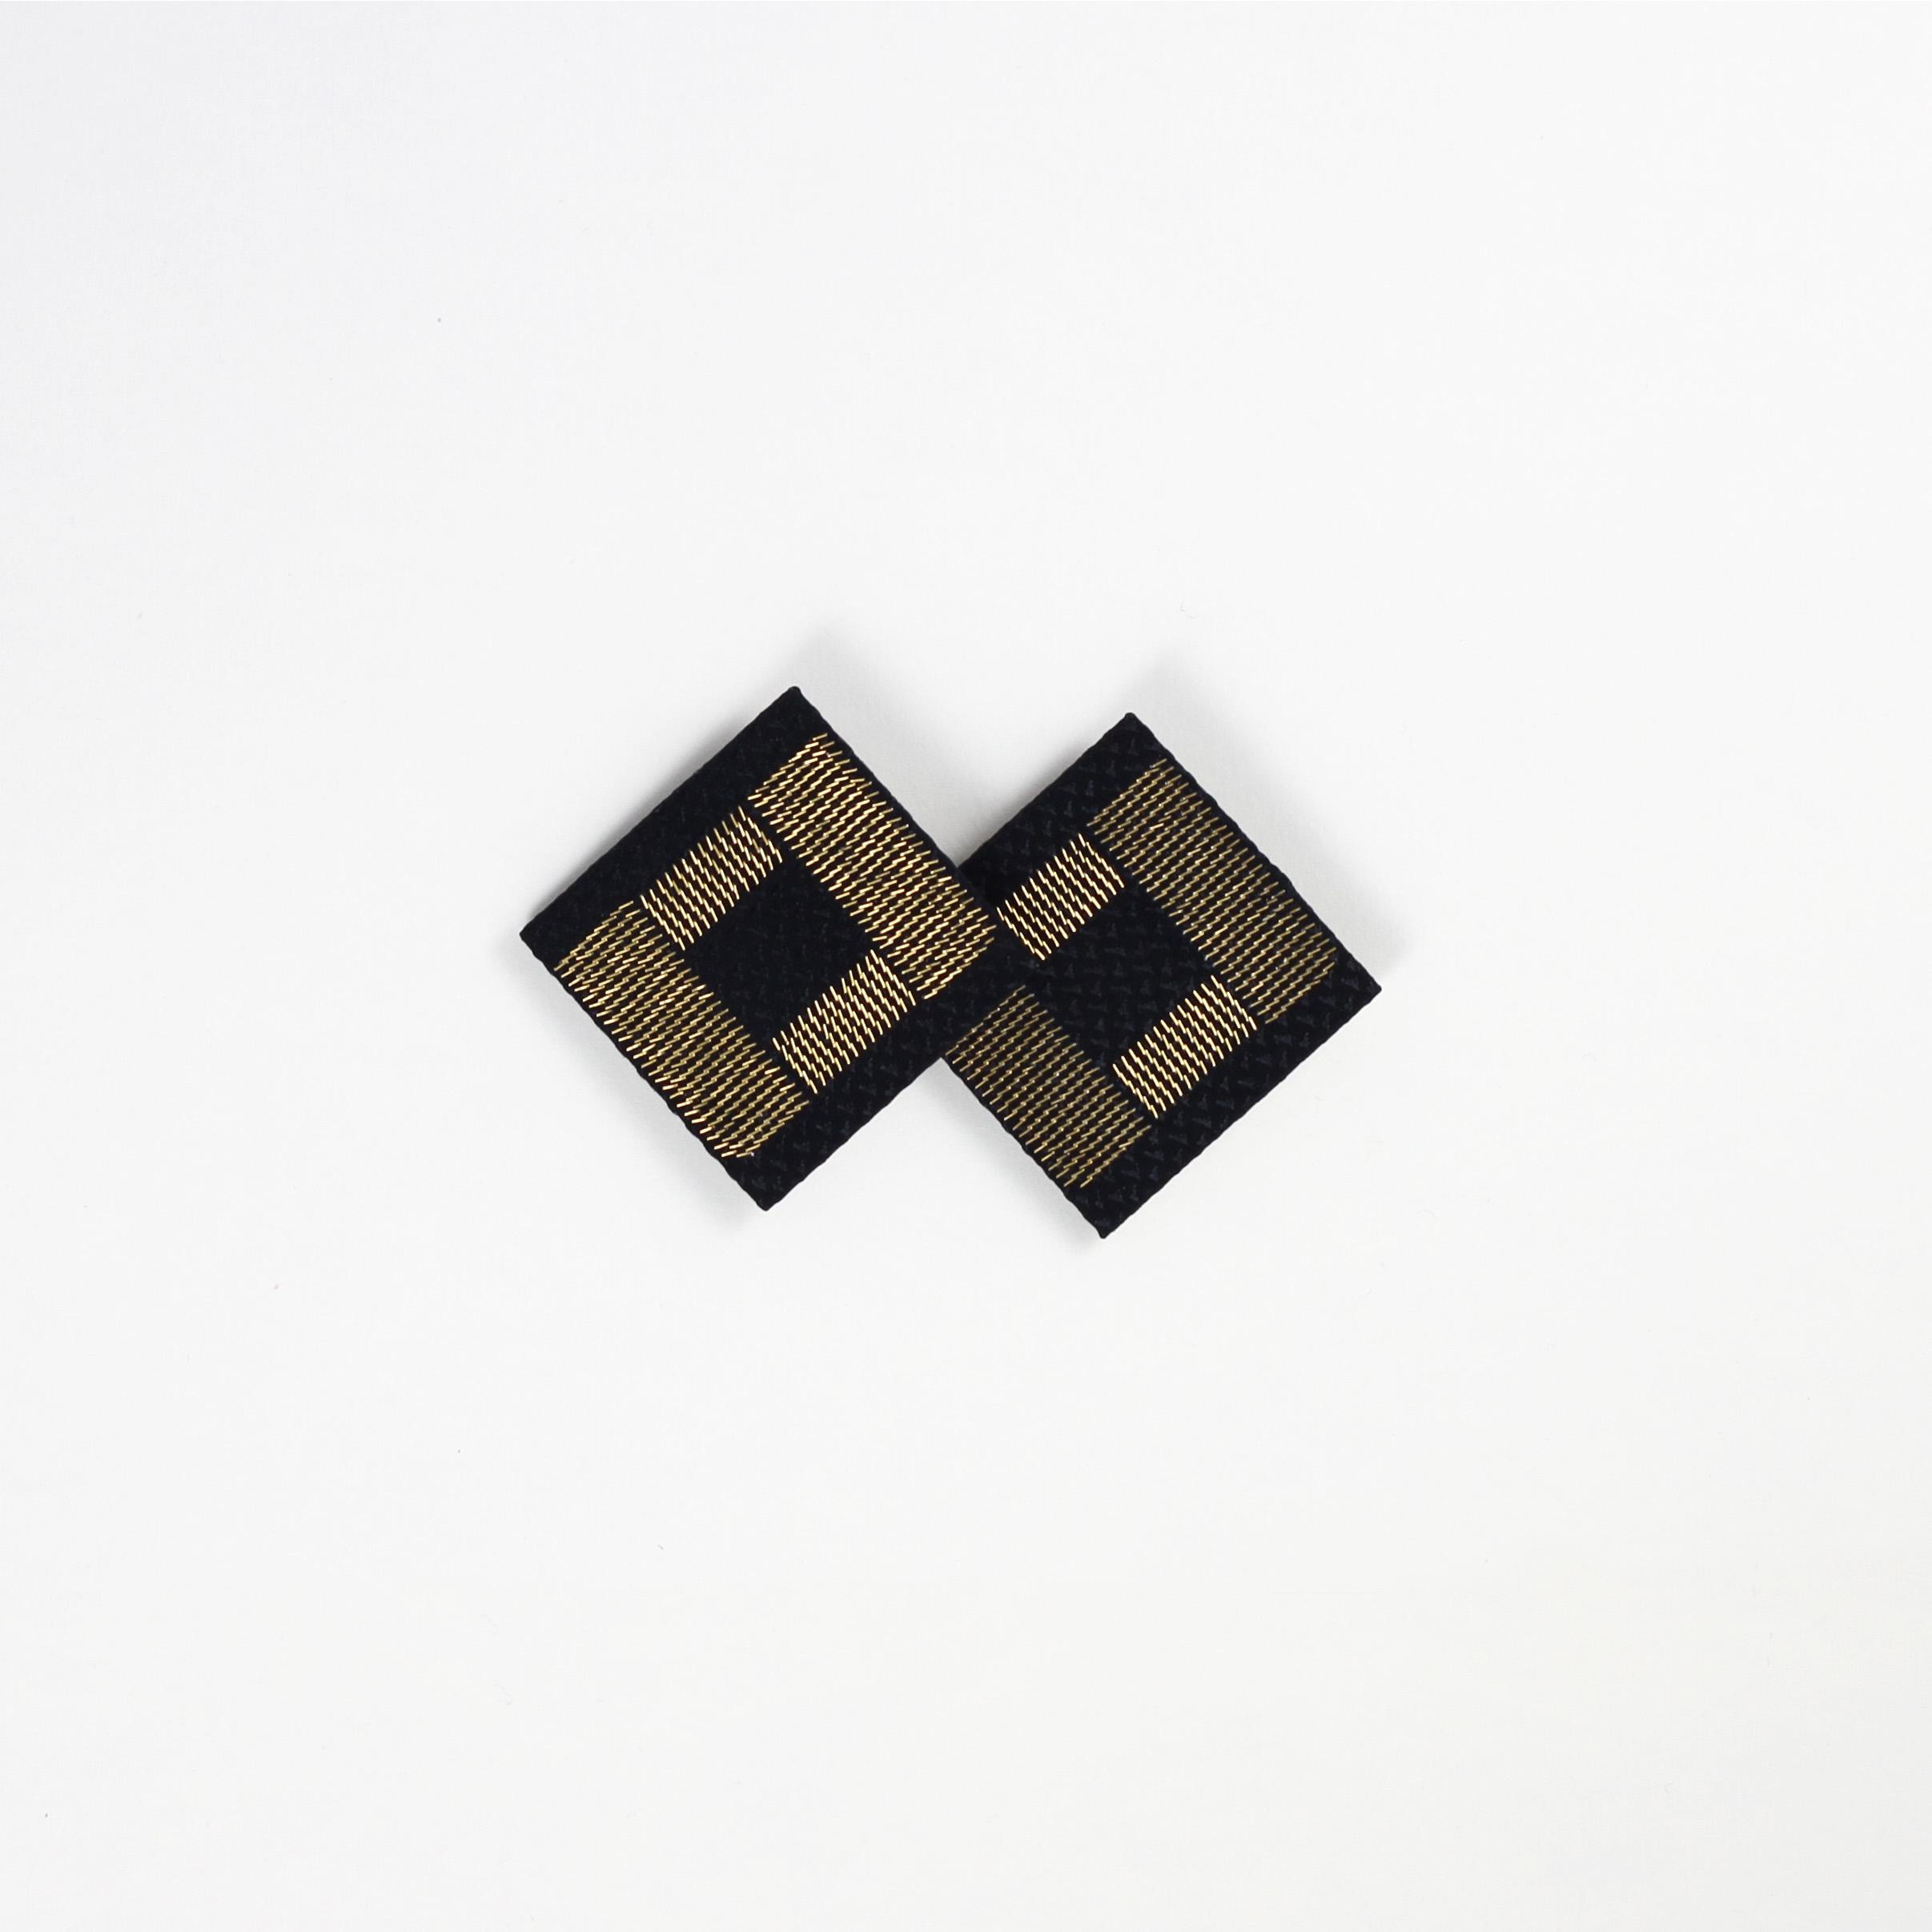 Shoe-Clips-Black--Silk-Gold-Metal-CPU-Isabel-Wong-5.JPG